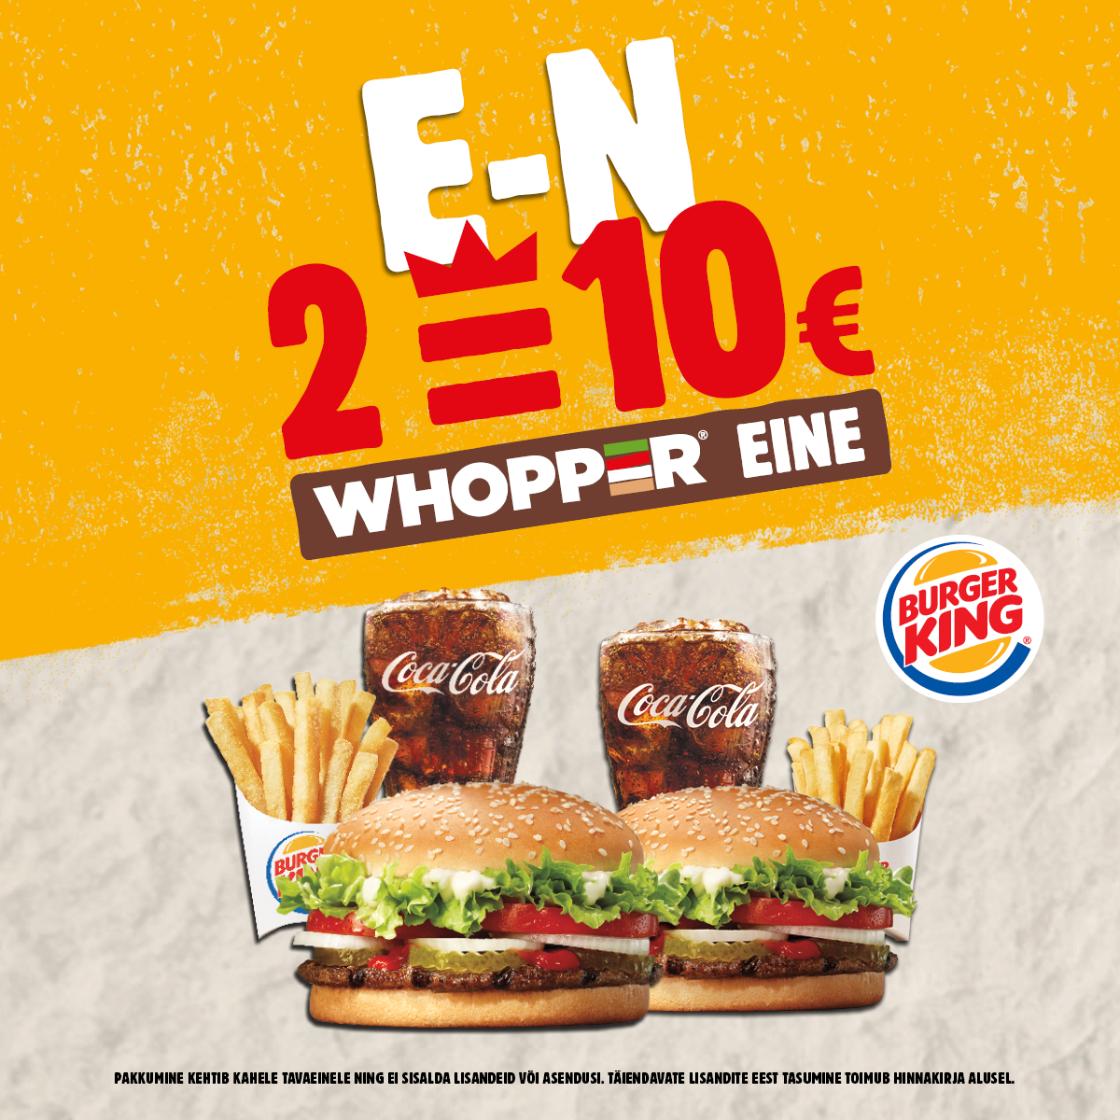 E-N Whopper eine 2=10 € - Burger King